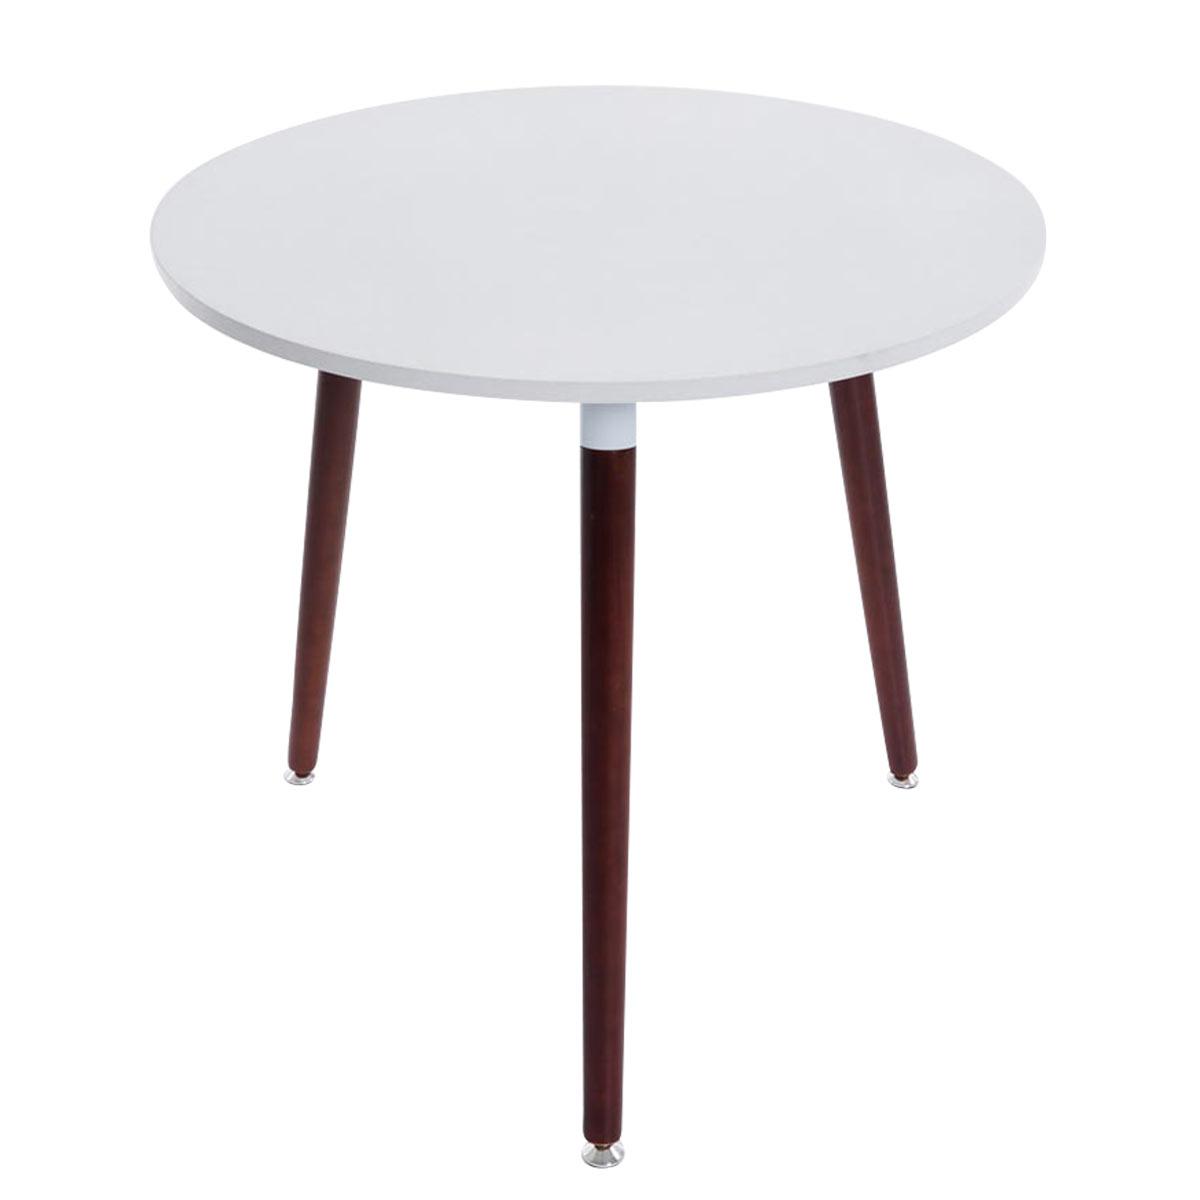 Jídelní stůl Benet kulatý, 80 cm, nohy cappuccino